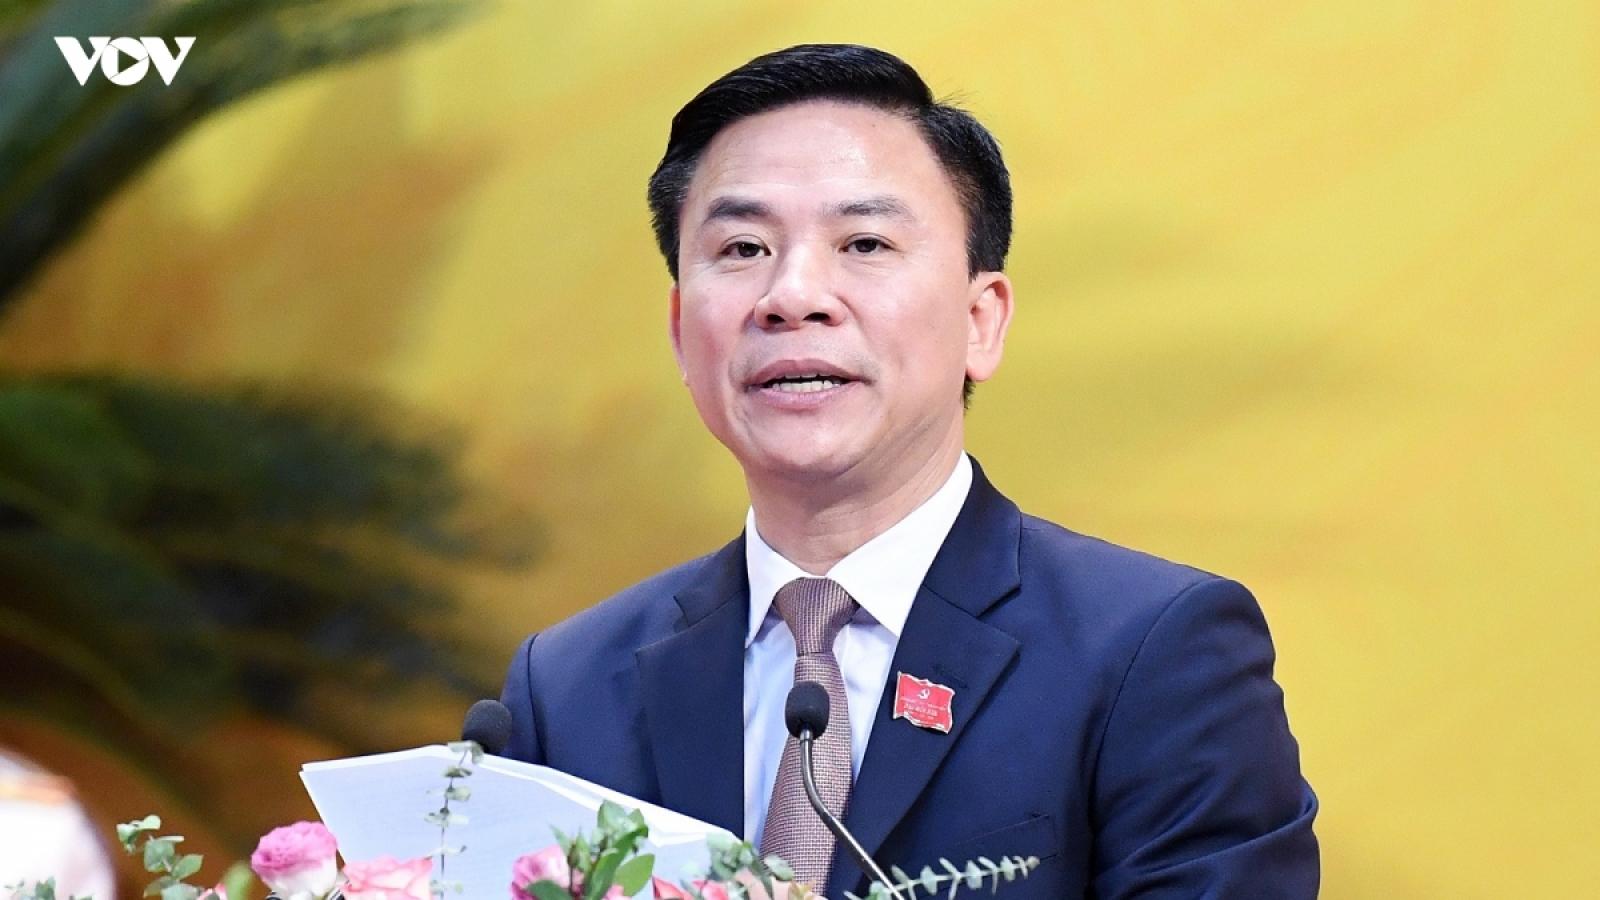 Triển khai Nghị quyết 68 tại Thanh Hóa, nghiêm cấm trục lợi chính sách